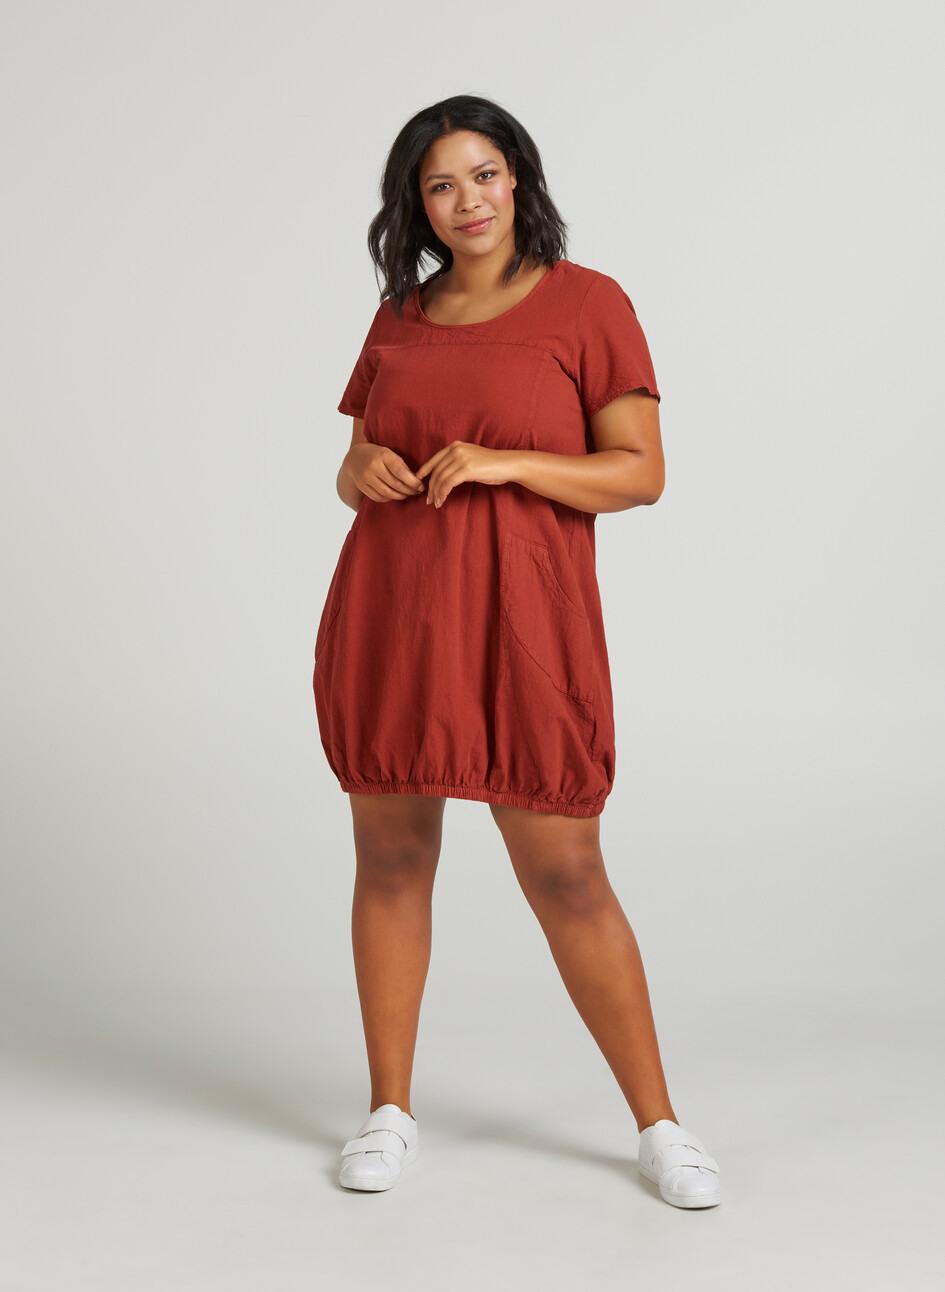 Weiches Kleid  Orange  Str 4256  Zizziat